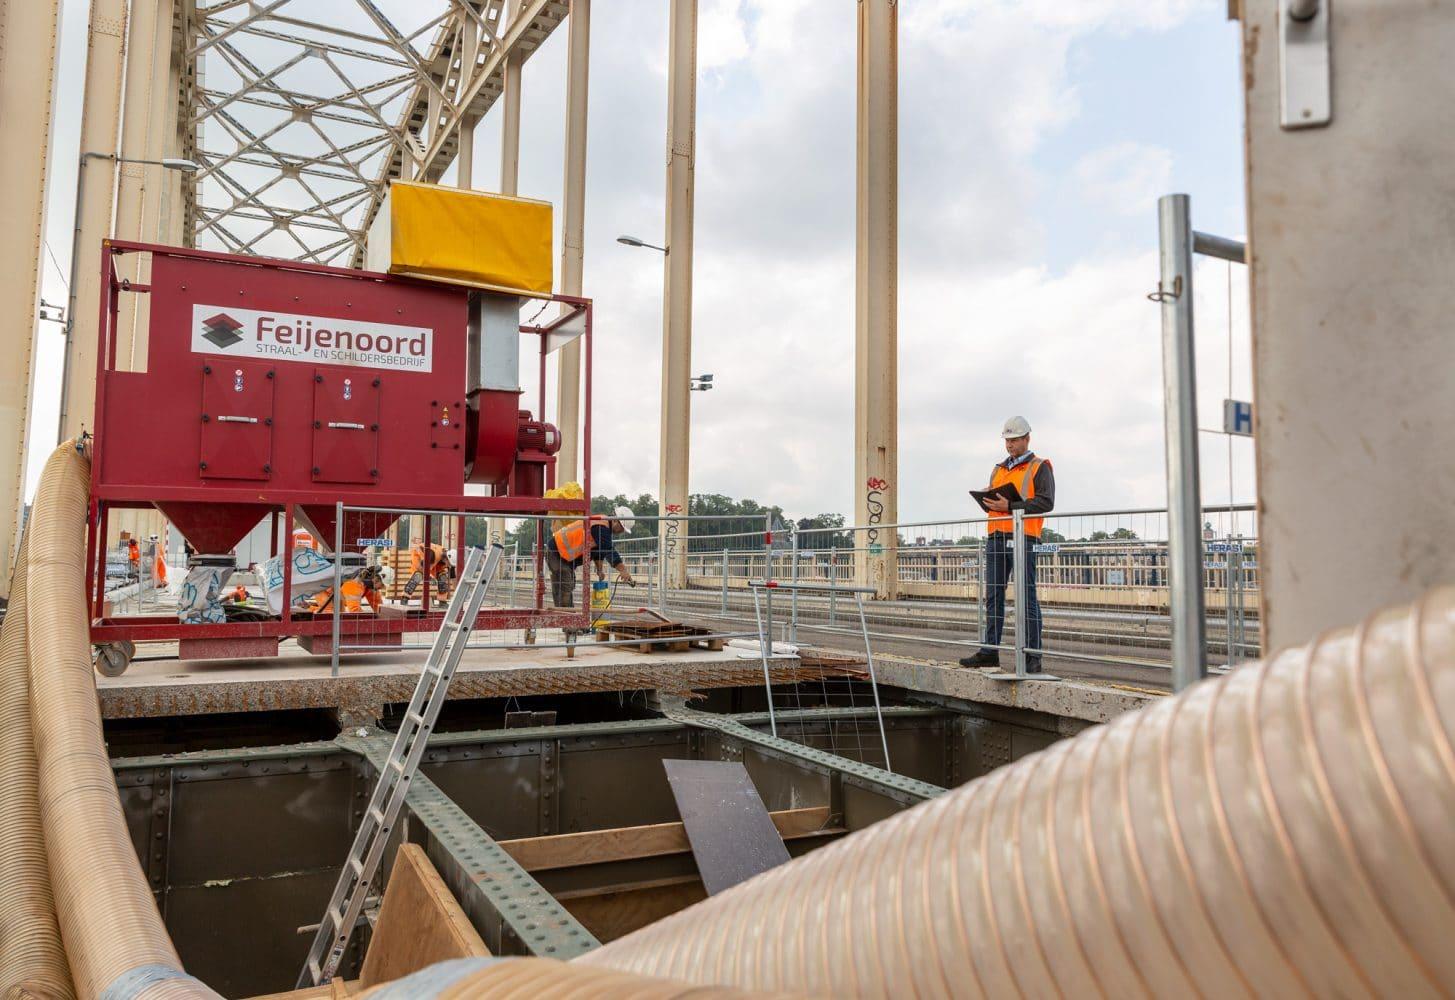 RPS-artikel-waalbrug-chroom6-jan-willem-peters-inspectie-web